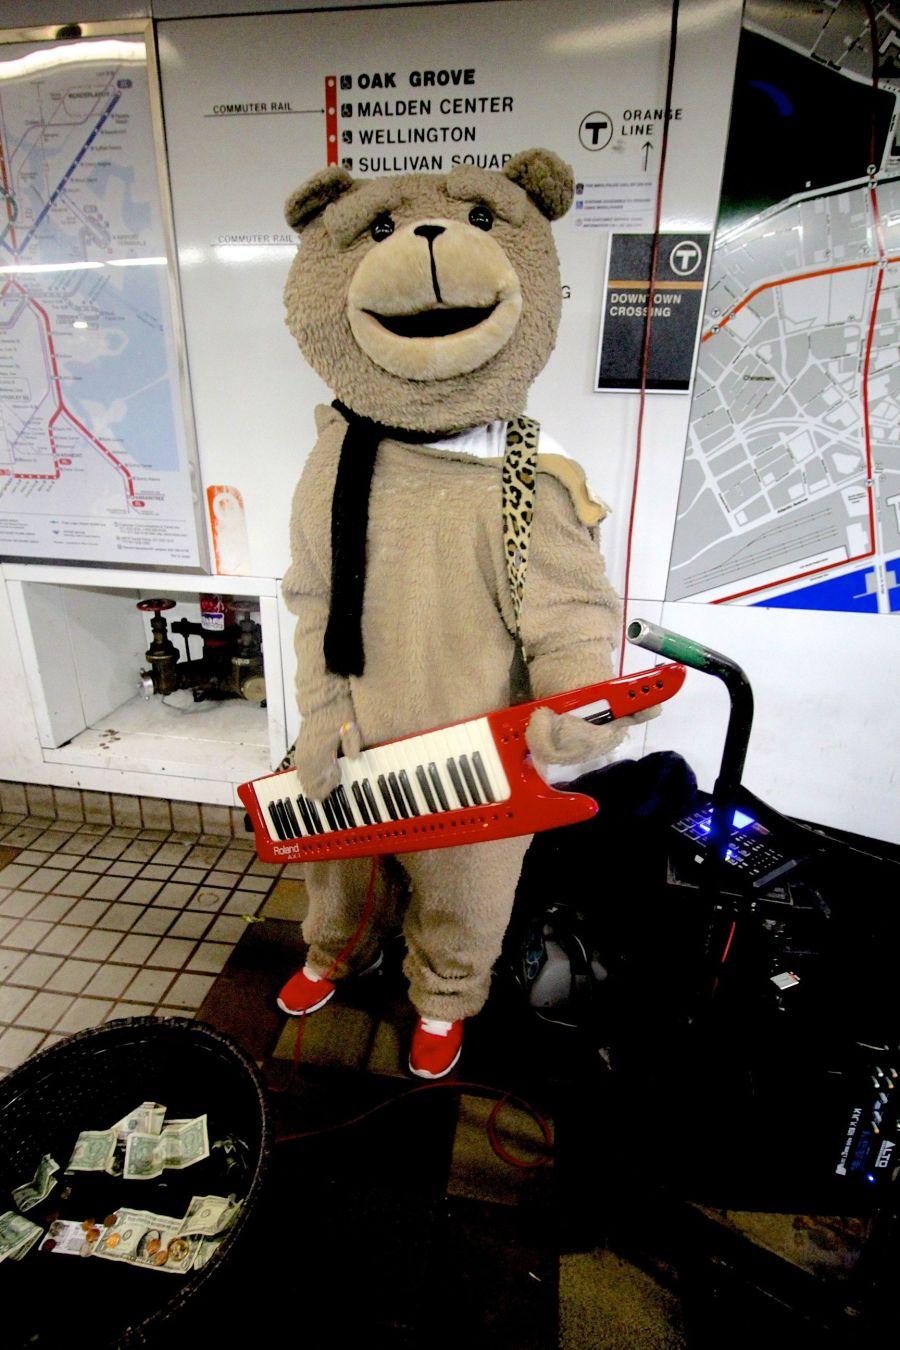 boston downtown crossing station keytar bear 5